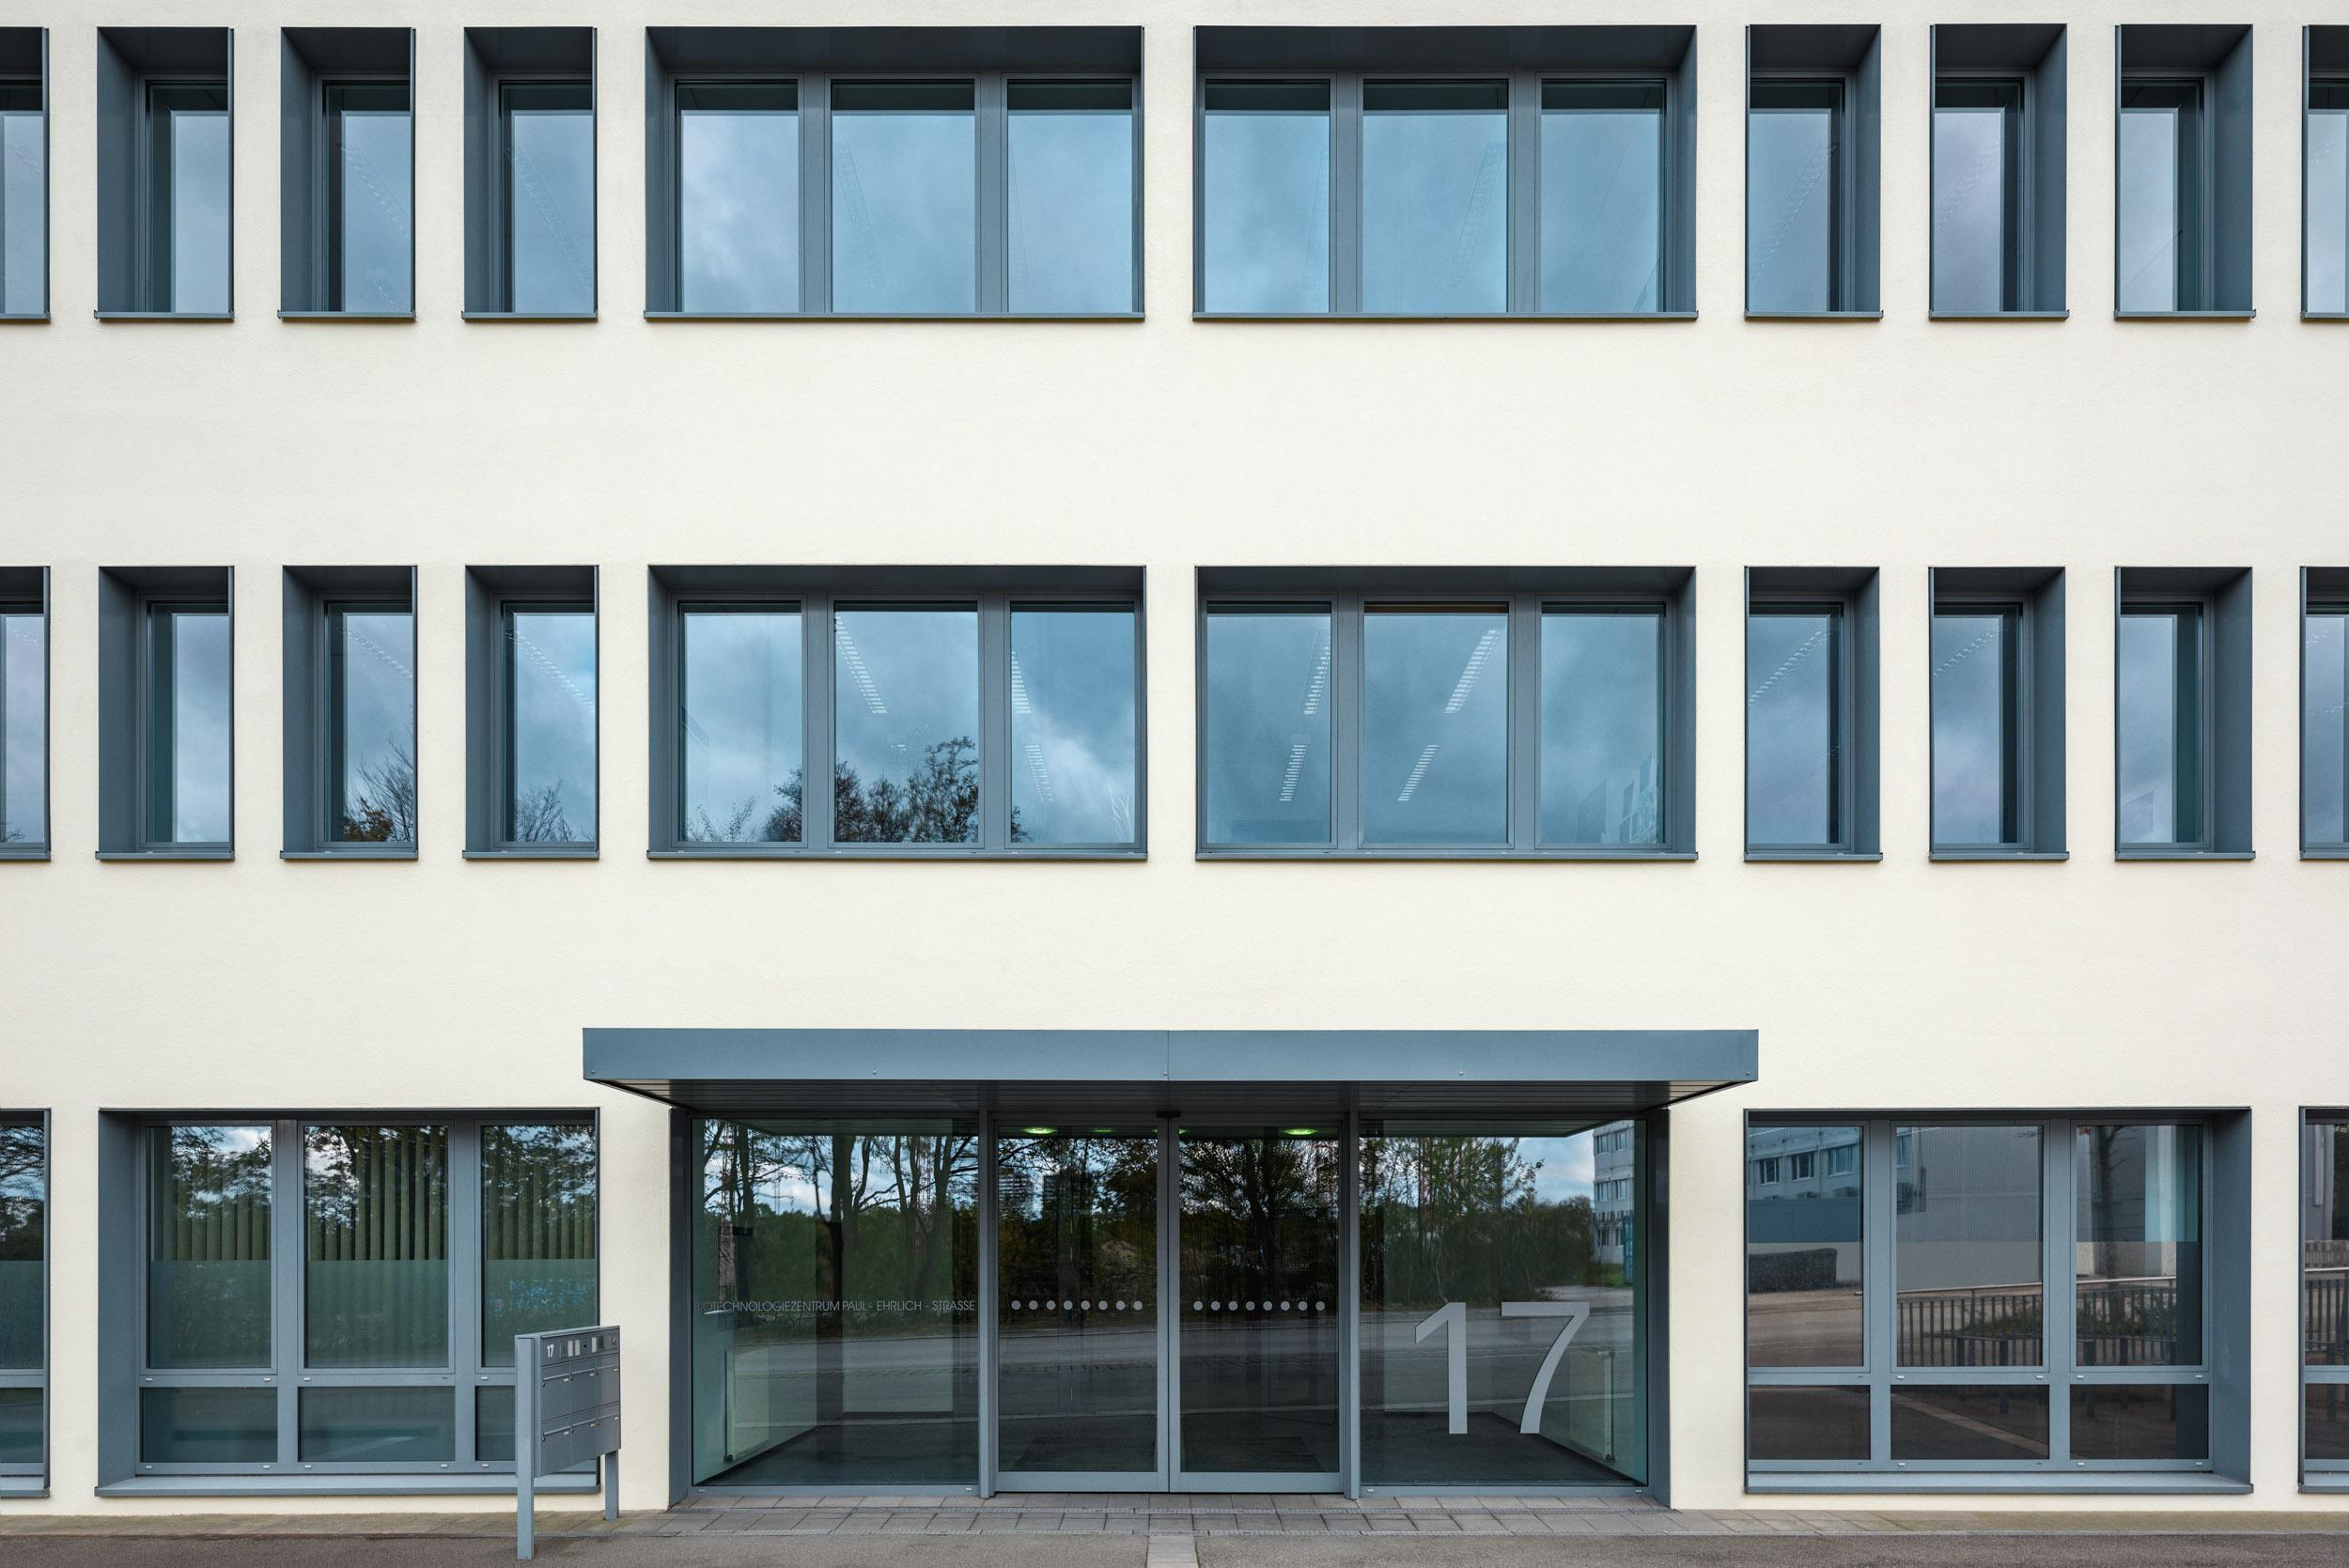 Gustav-Epple-Bauunternehmung-Tübingen-Biotech_MLX8370#00